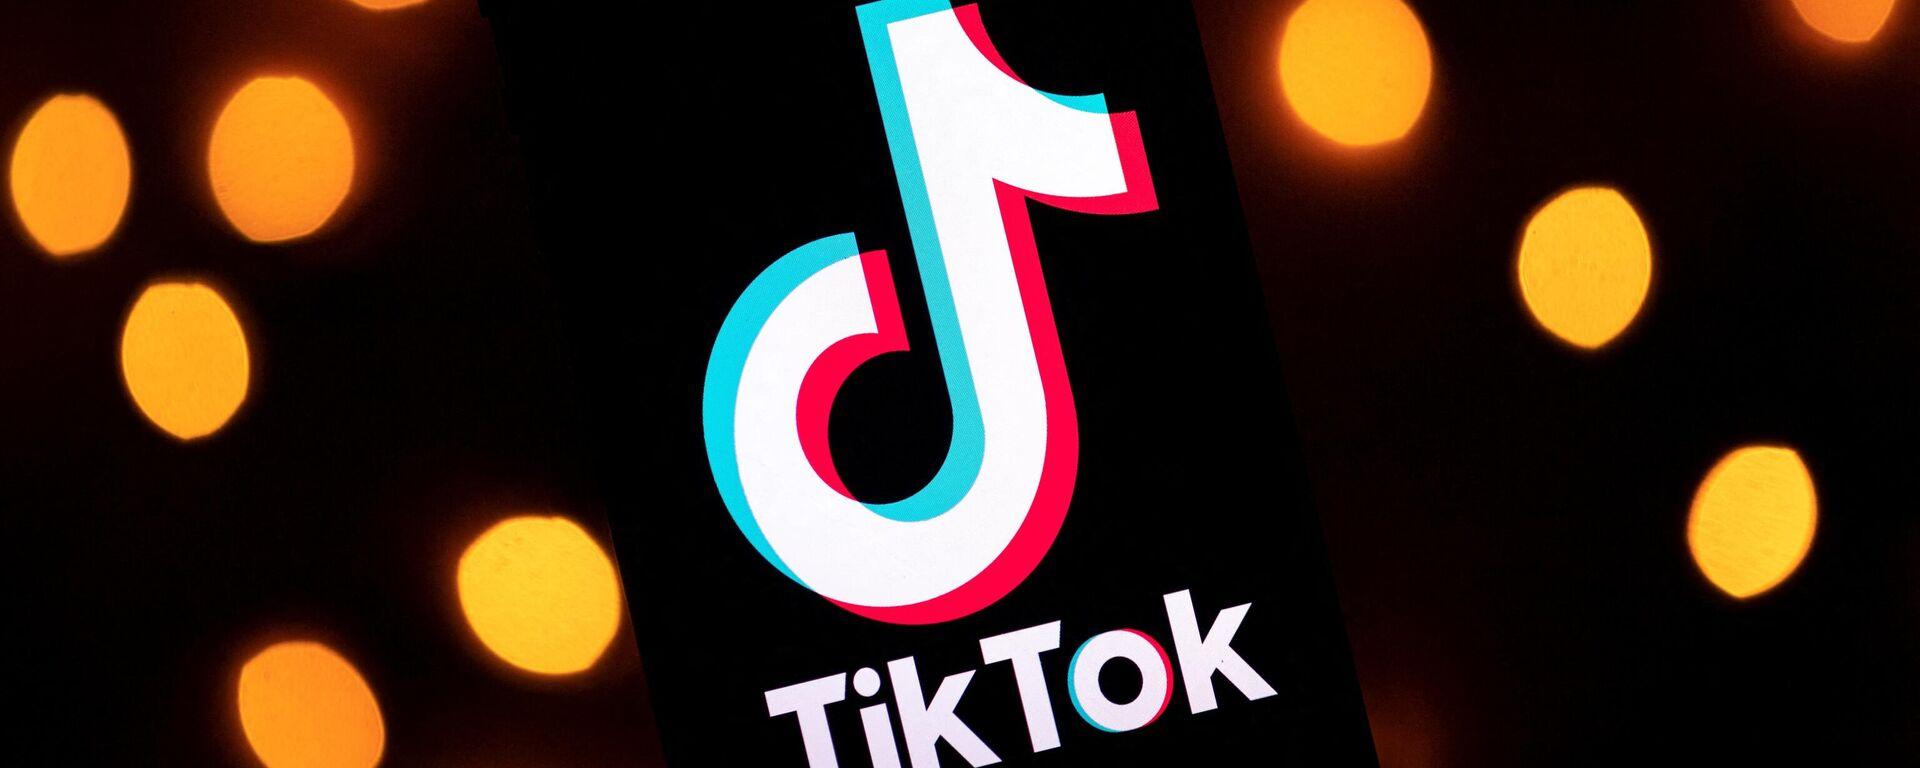 Tiktok - Sputnik Узбекистан, 1920, 17.05.2021